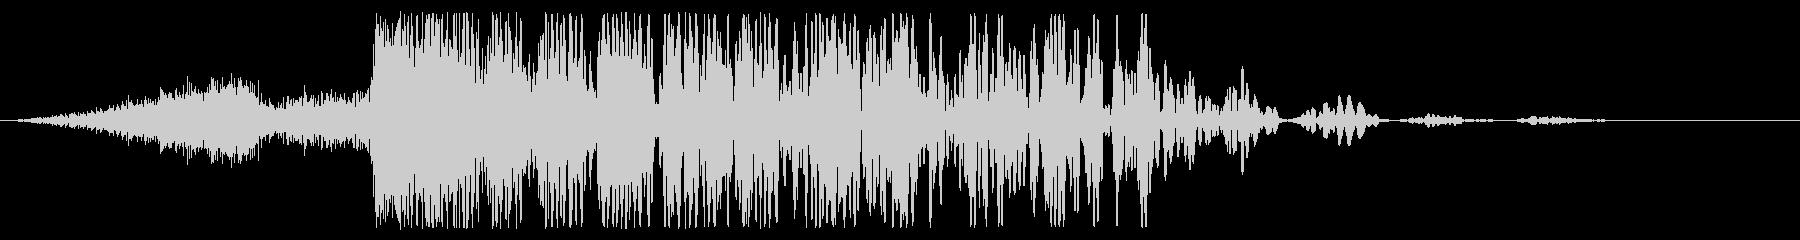 着信シンセの爆発的な影響を処理するの未再生の波形